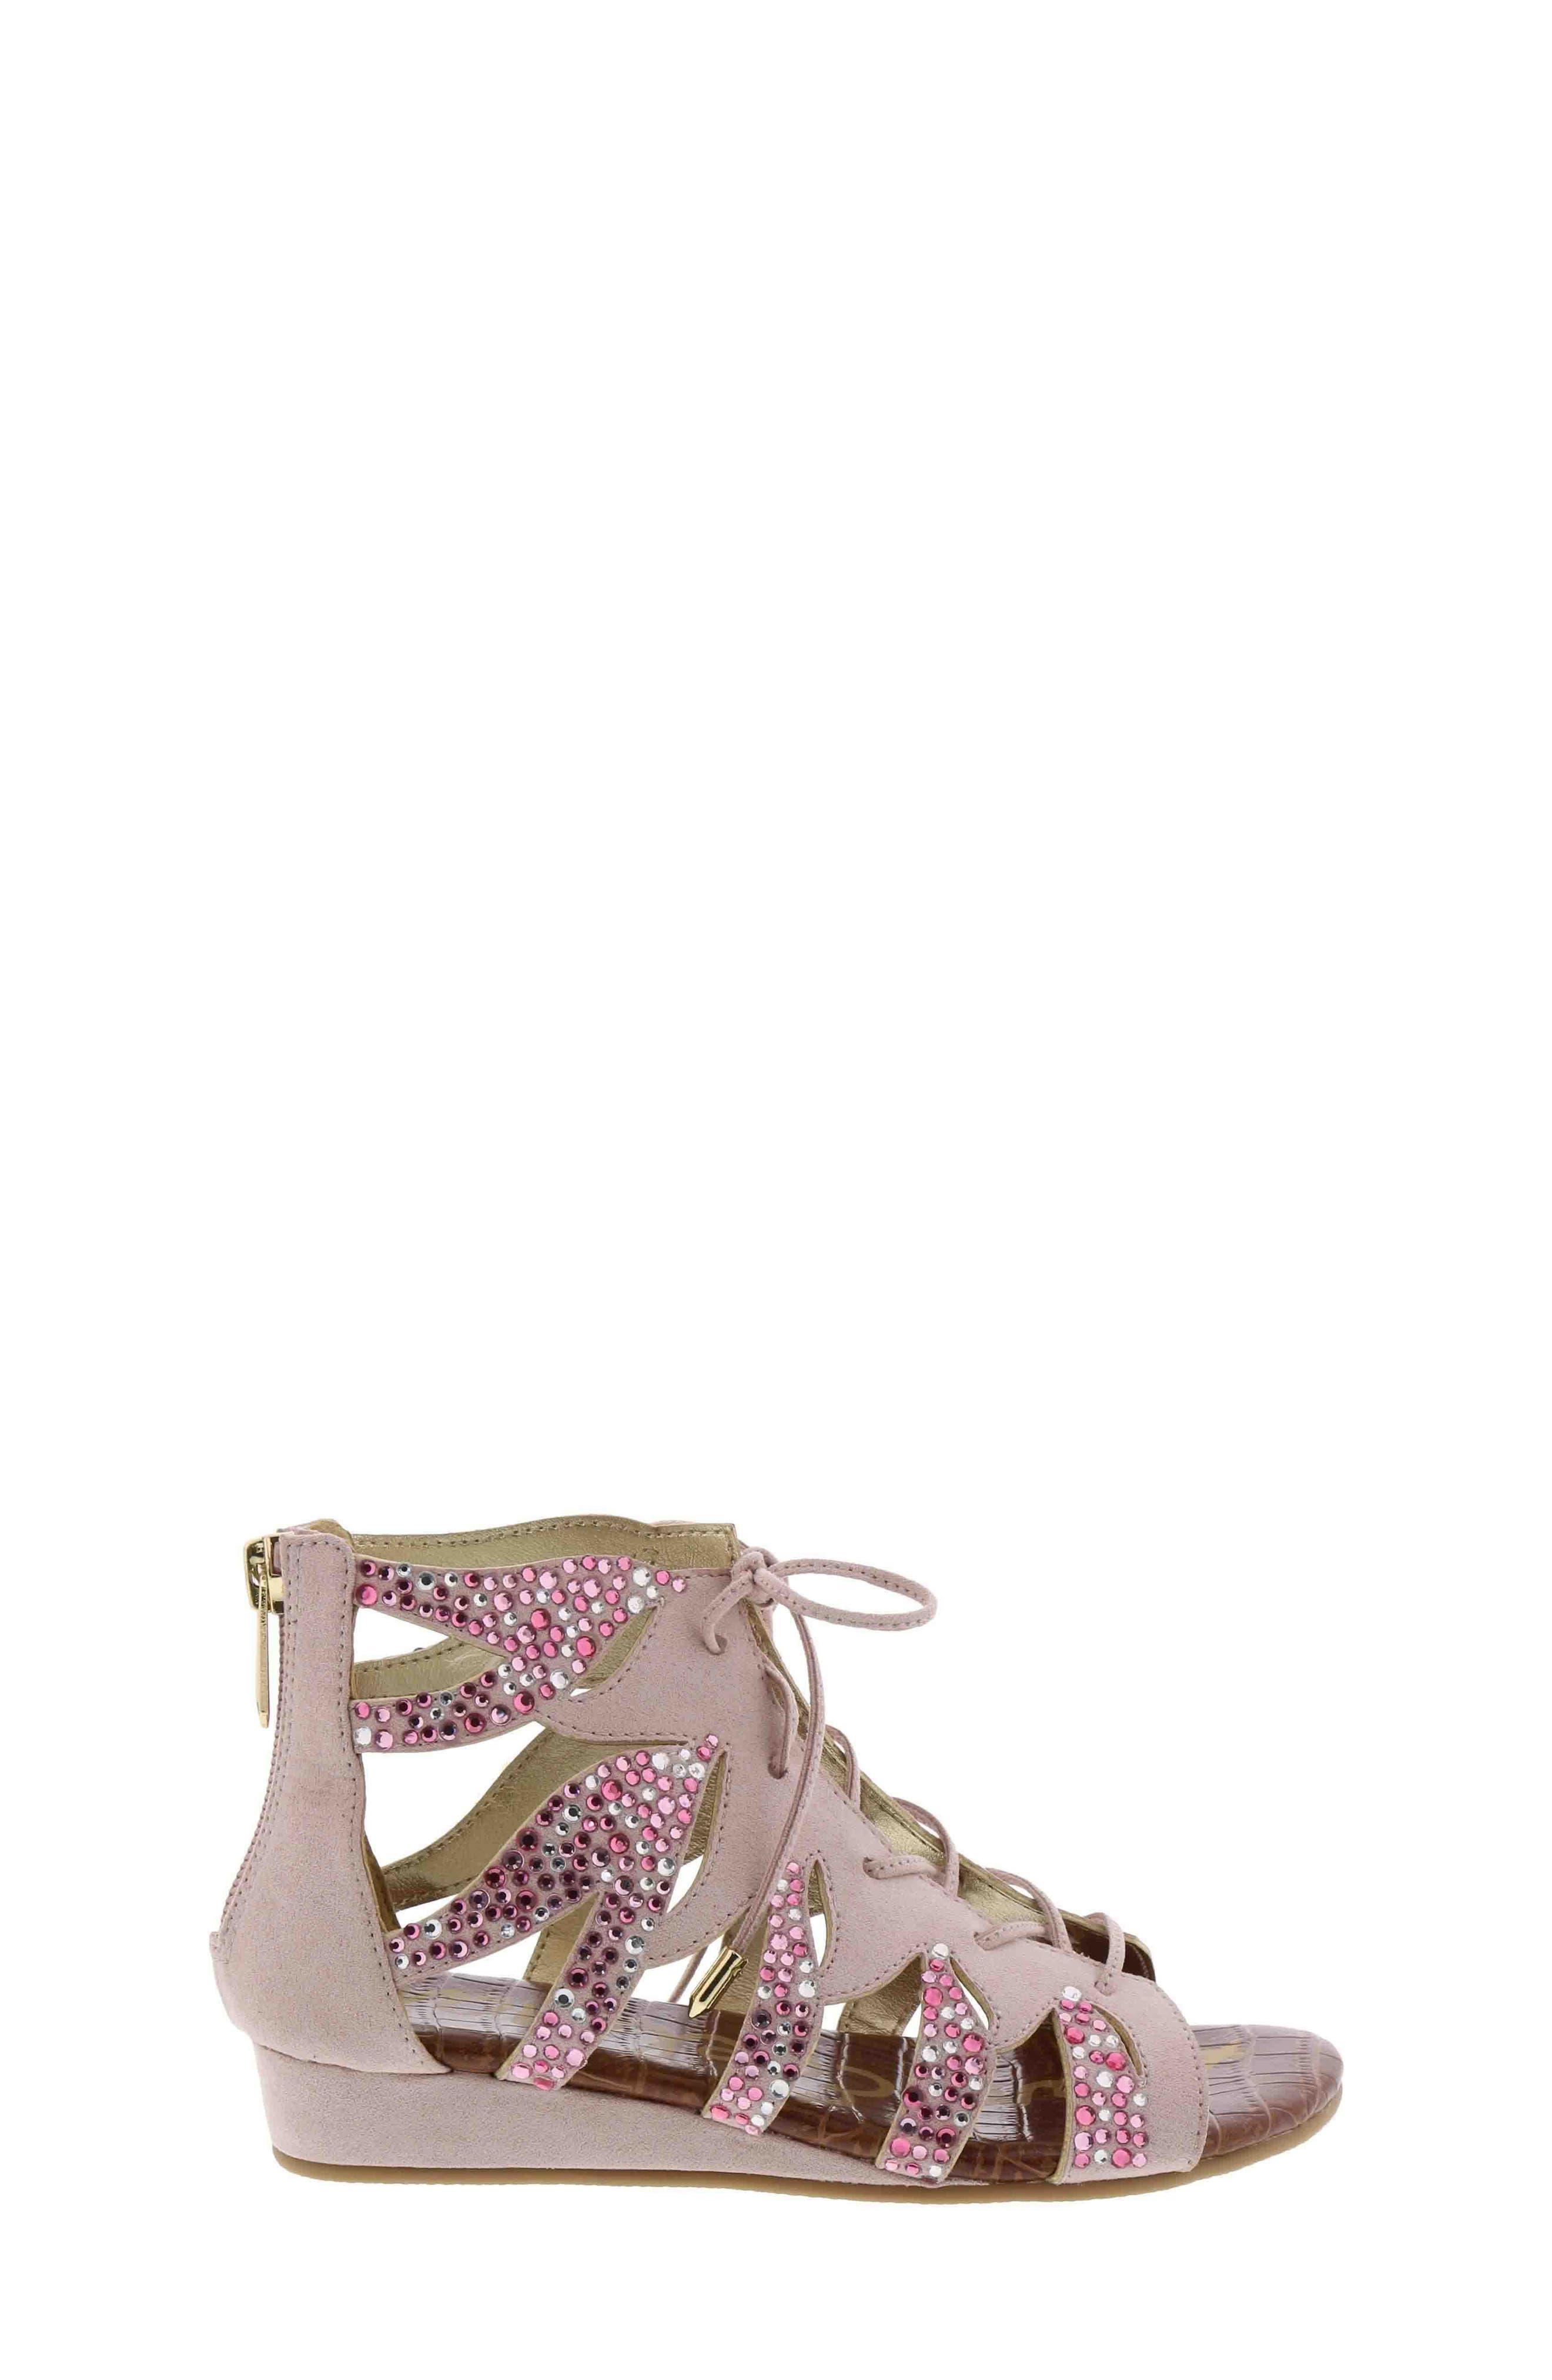 Sam Edelman Danica Crystal Embellished Sandal (Toddler, Little Kid & Big Kid)